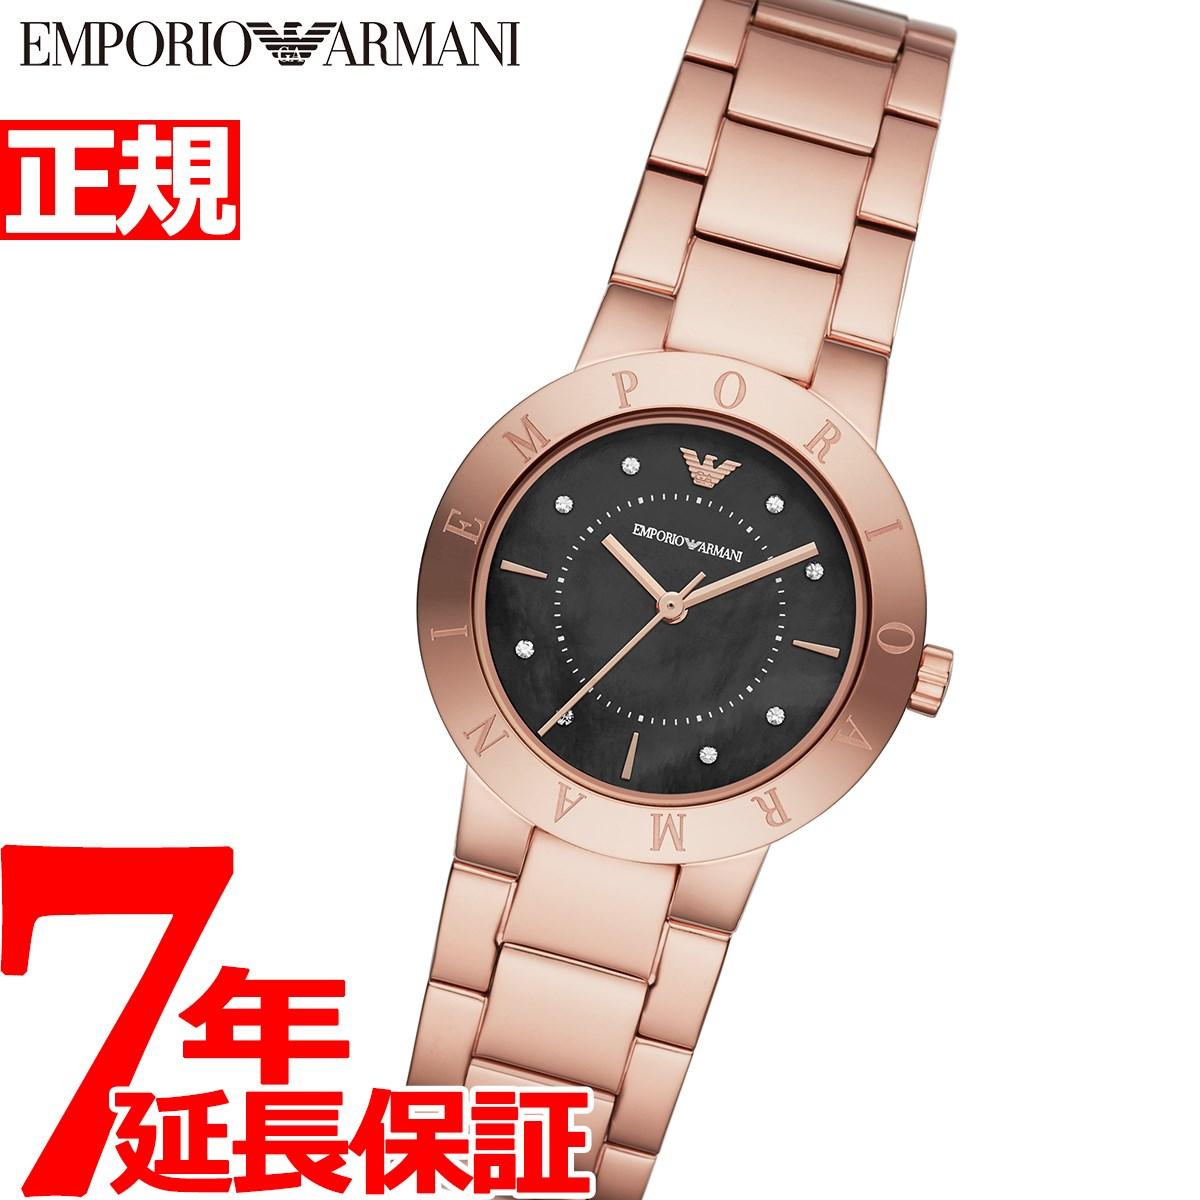 【5日0時~♪10%OFFクーポン&店内ポイント最大51倍!5日23時59分まで】エンポリオアルマーニ EMPORIO ARMANI 腕時計 レディース AR11251